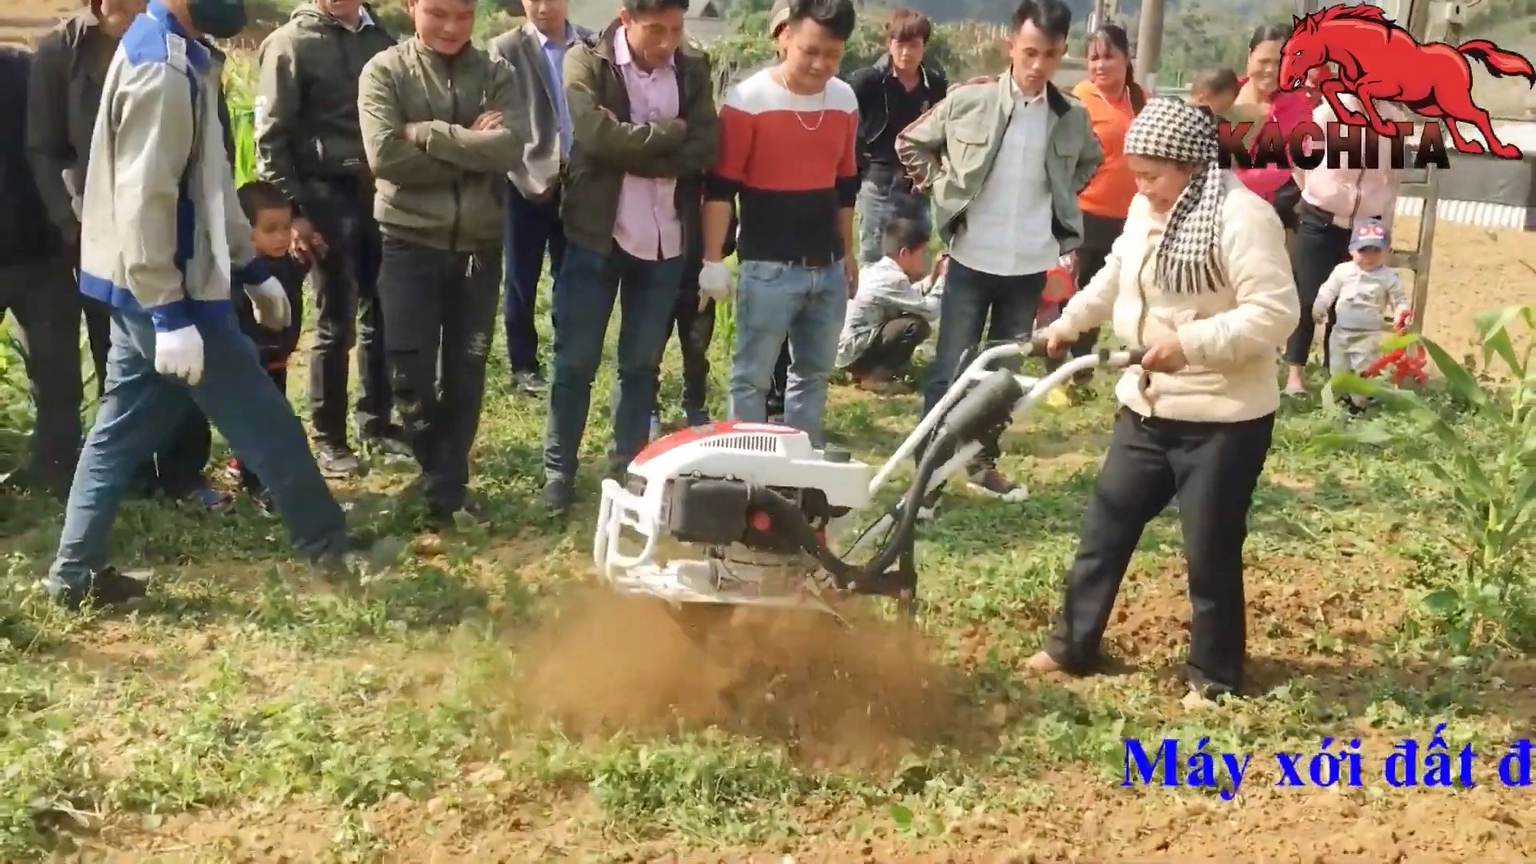 máy xới đất dễ đầu tư